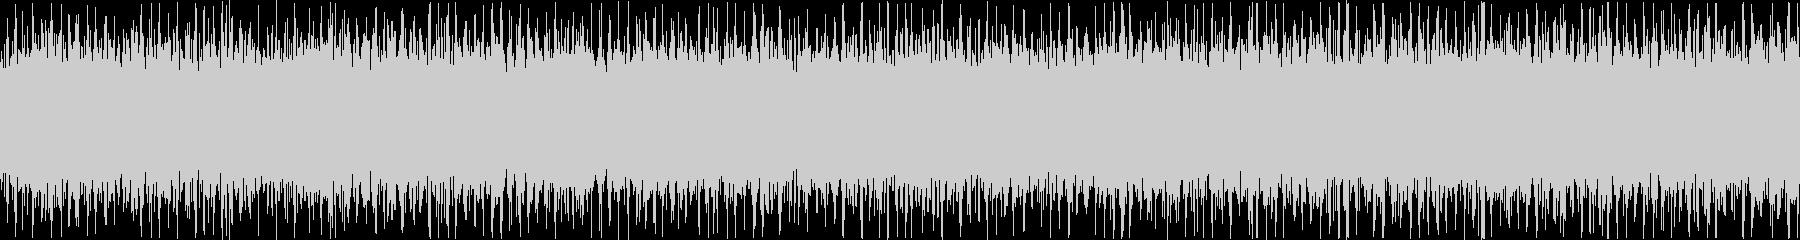 ザァー(FMラジオのノイズB)ループ処理の未再生の波形